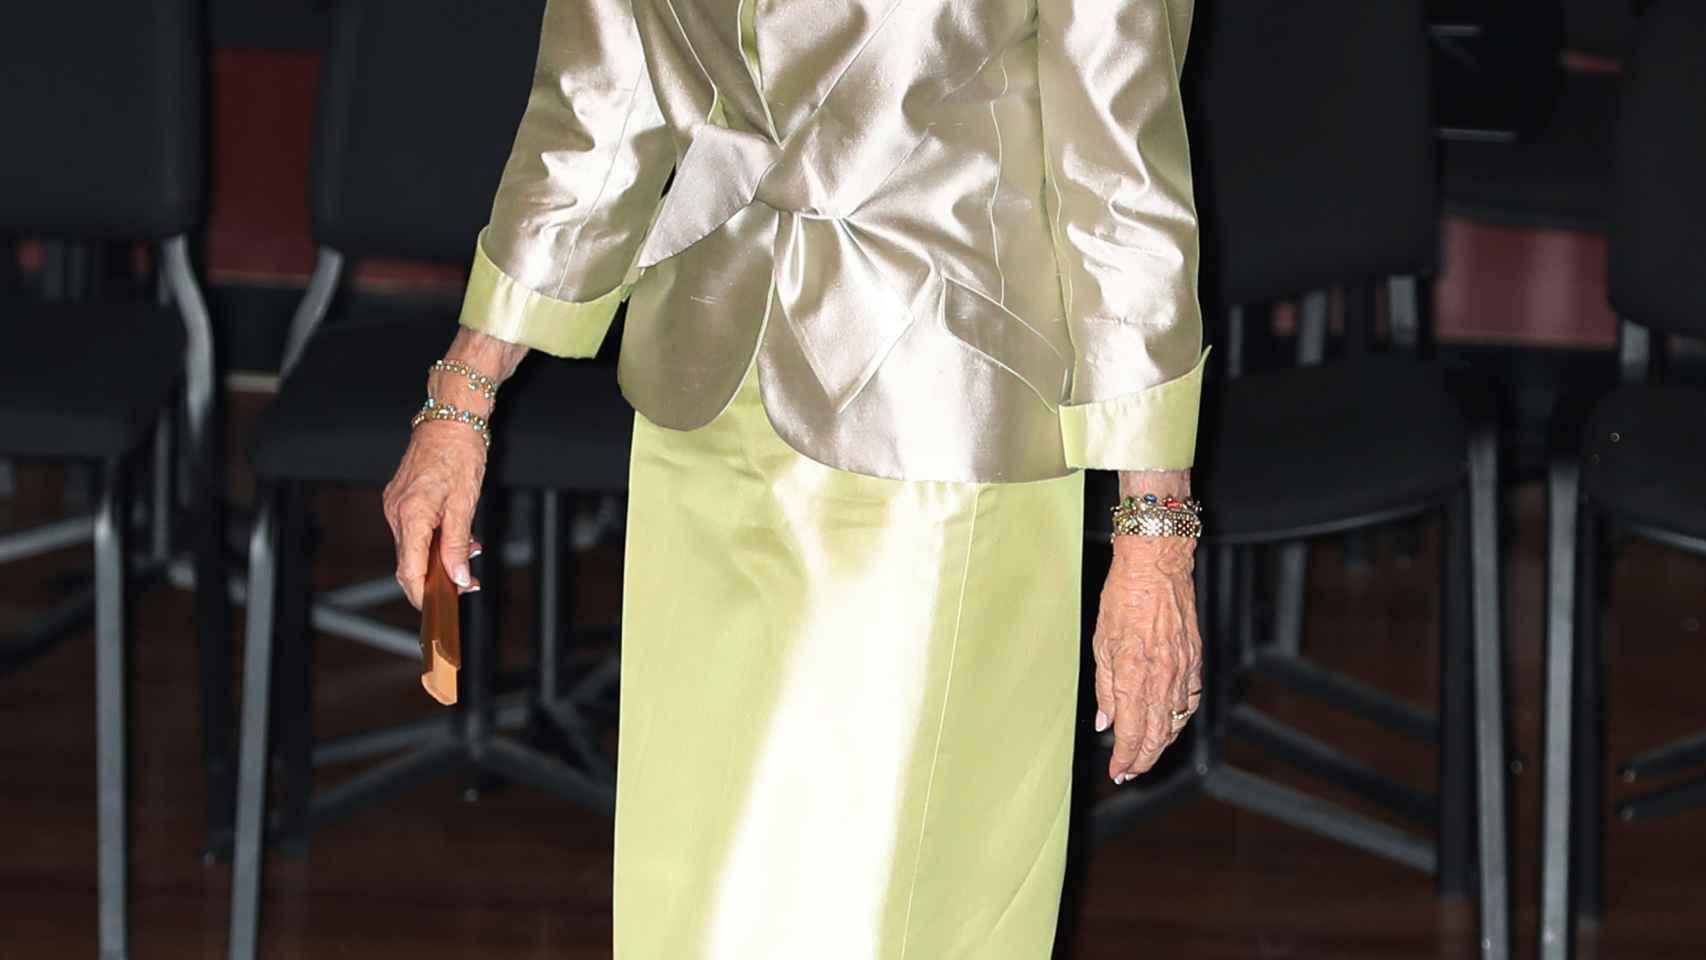 La reina Sofía en imagen de archivo.